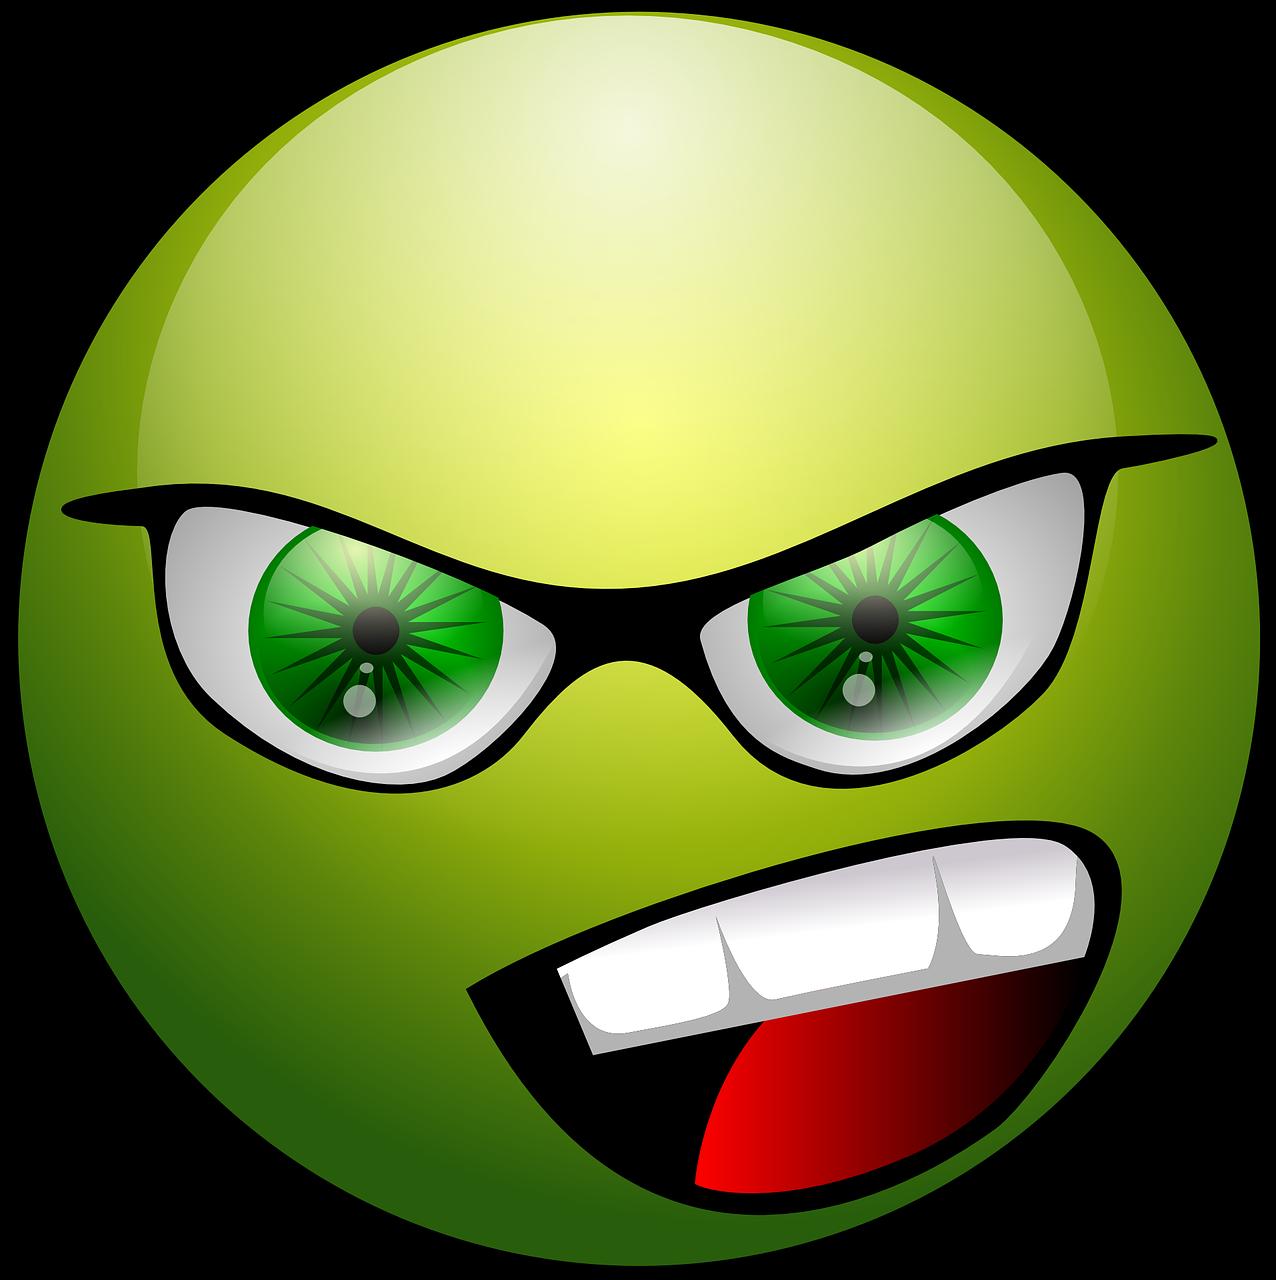 frustration, anger